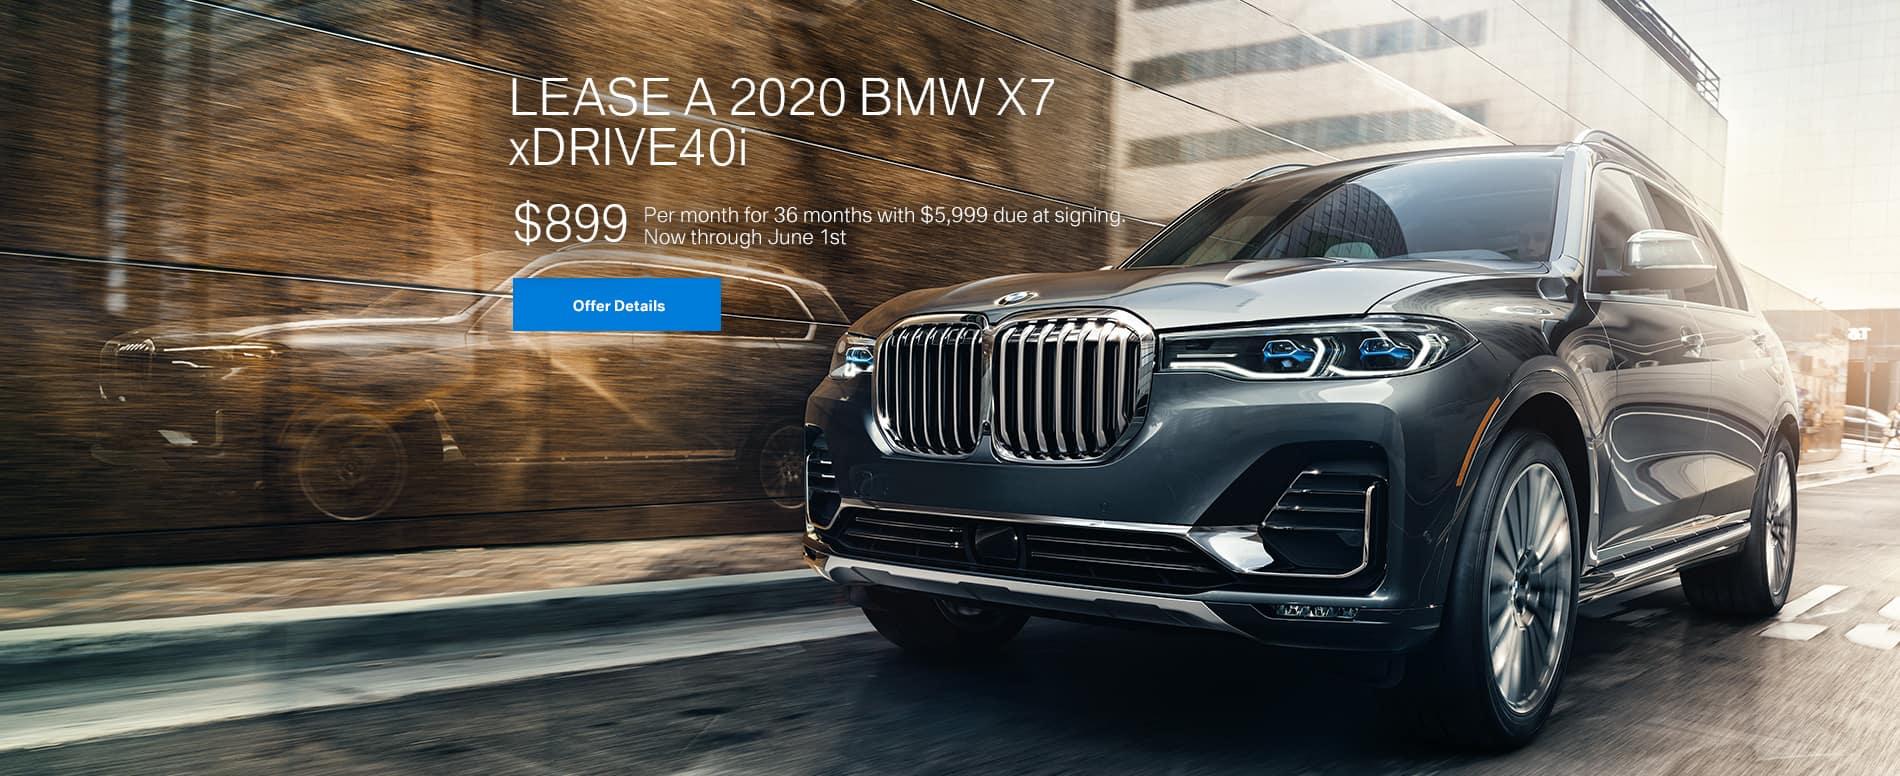 Lease a 2020 BMW X7 xDrive40i $899/mo.